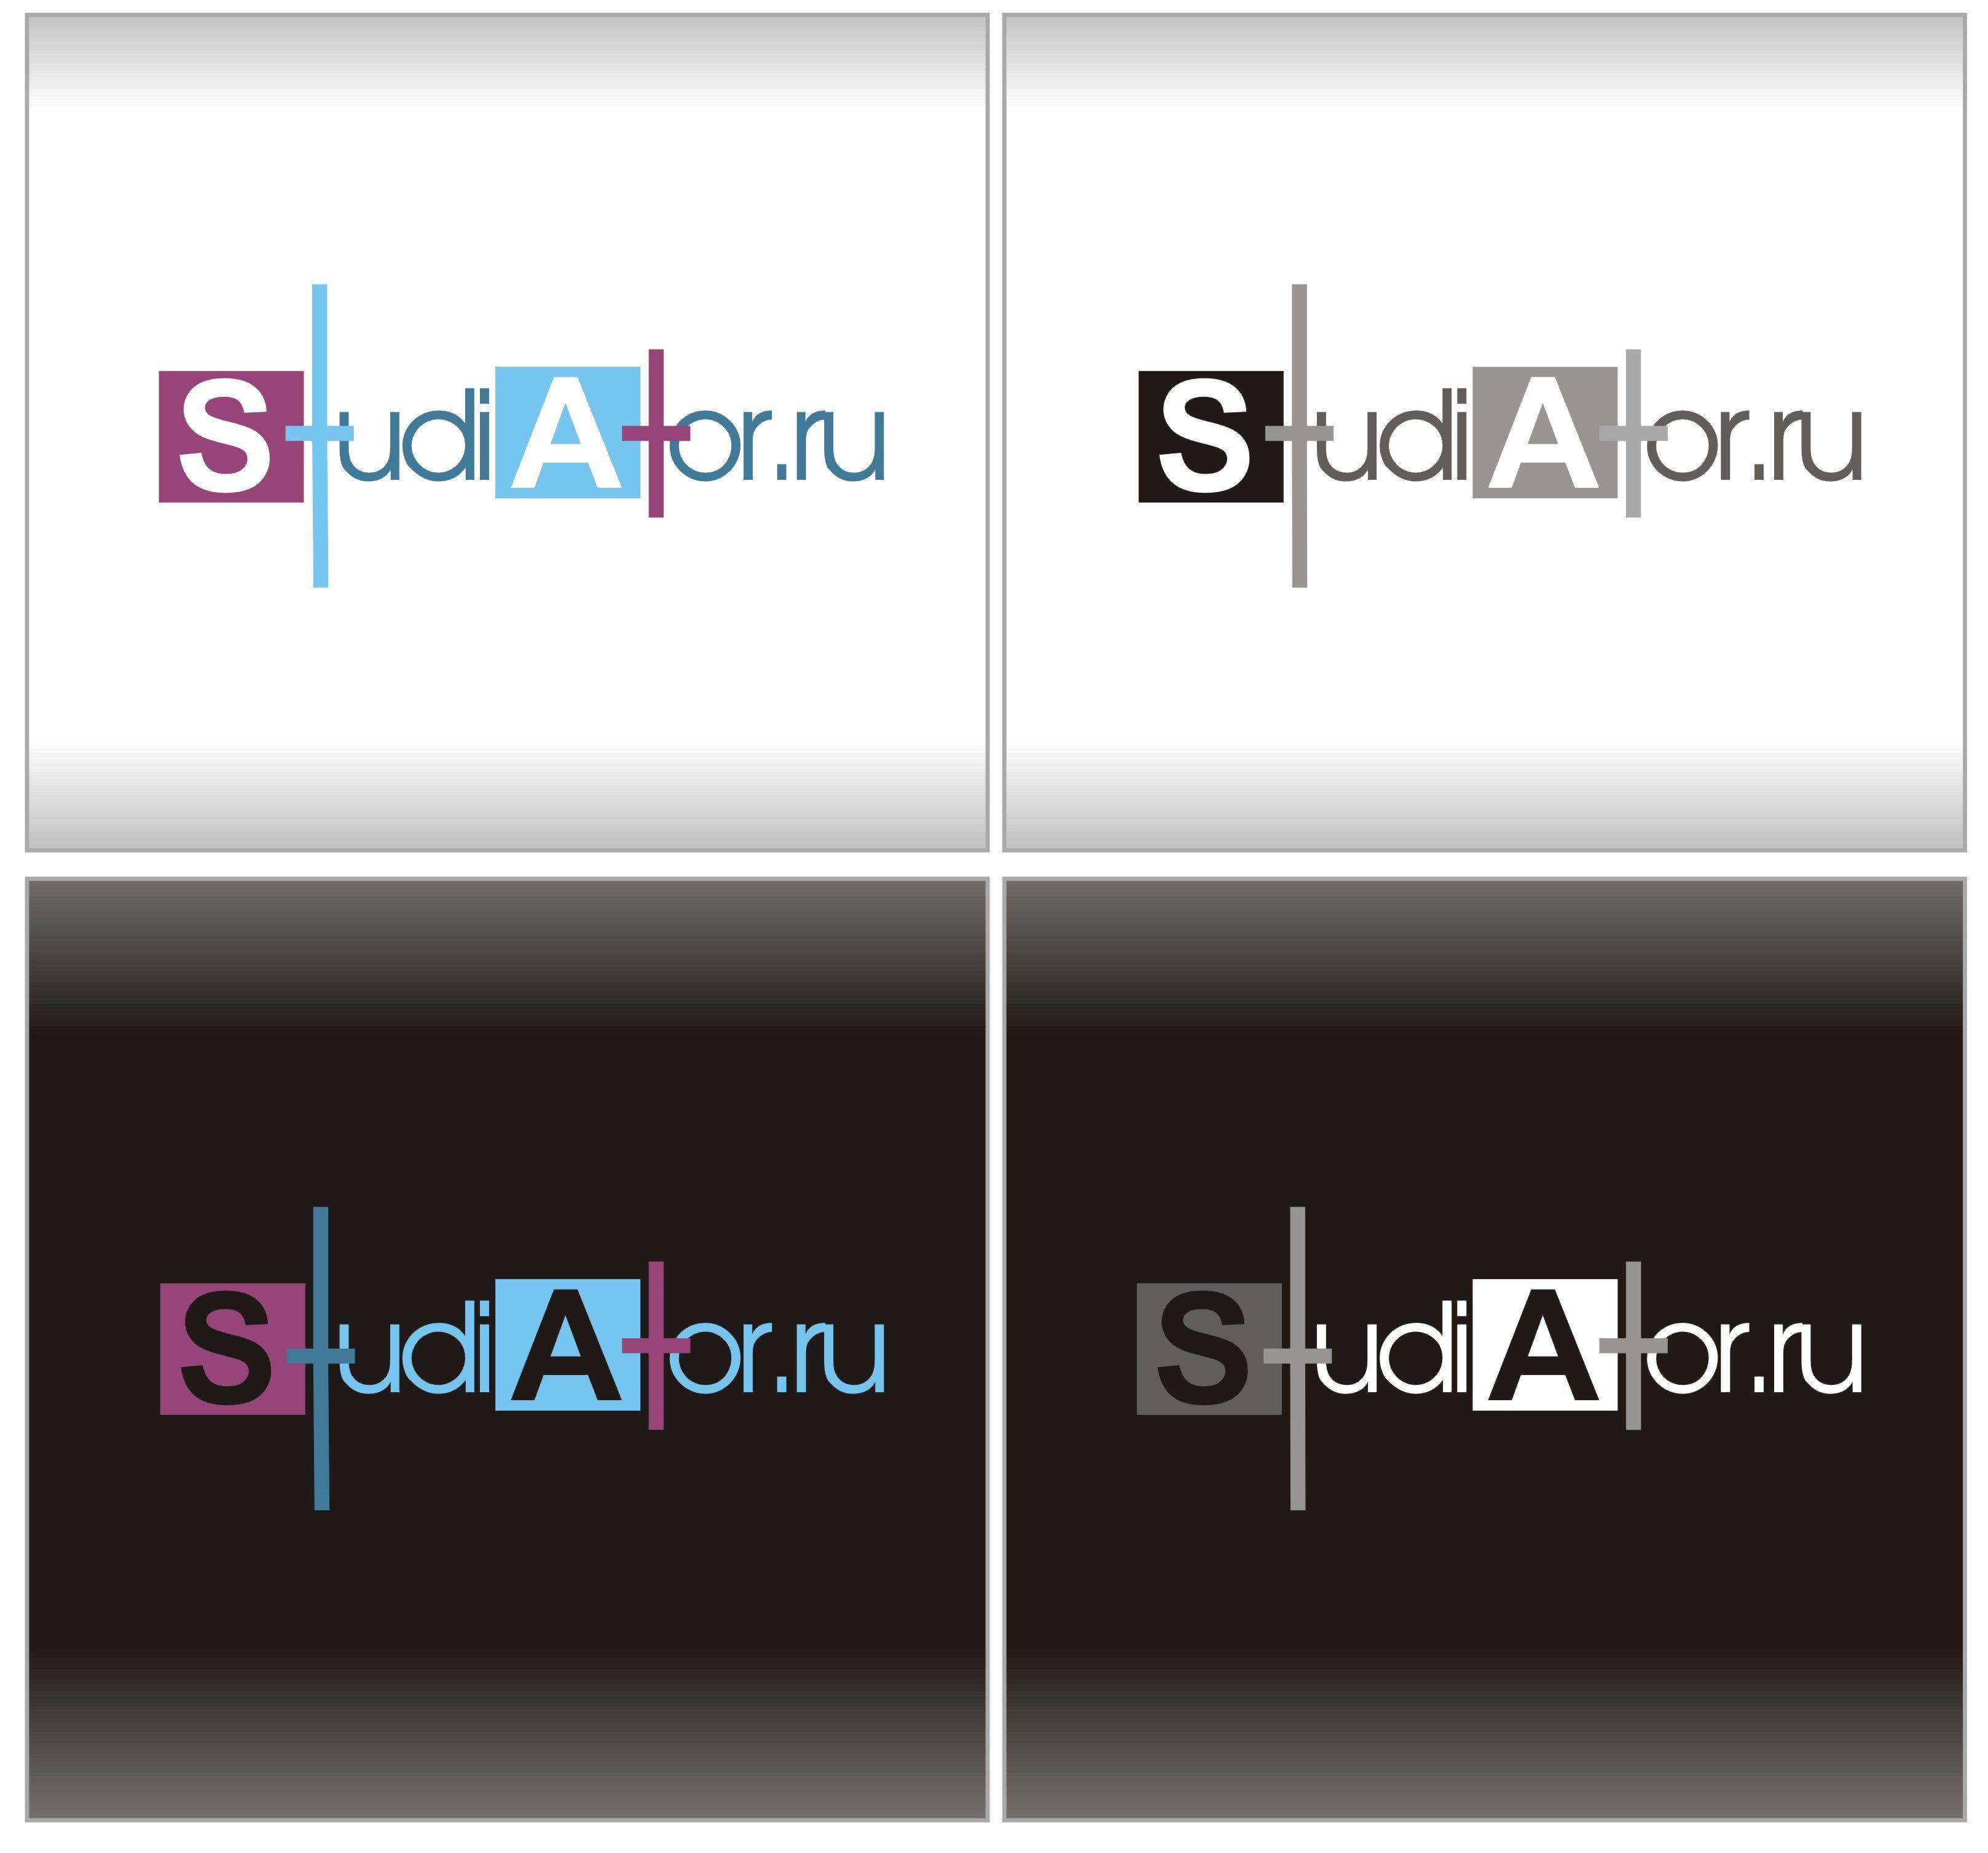 Логотип для каталога студий Веб-дизайна - дизайнер psi_33